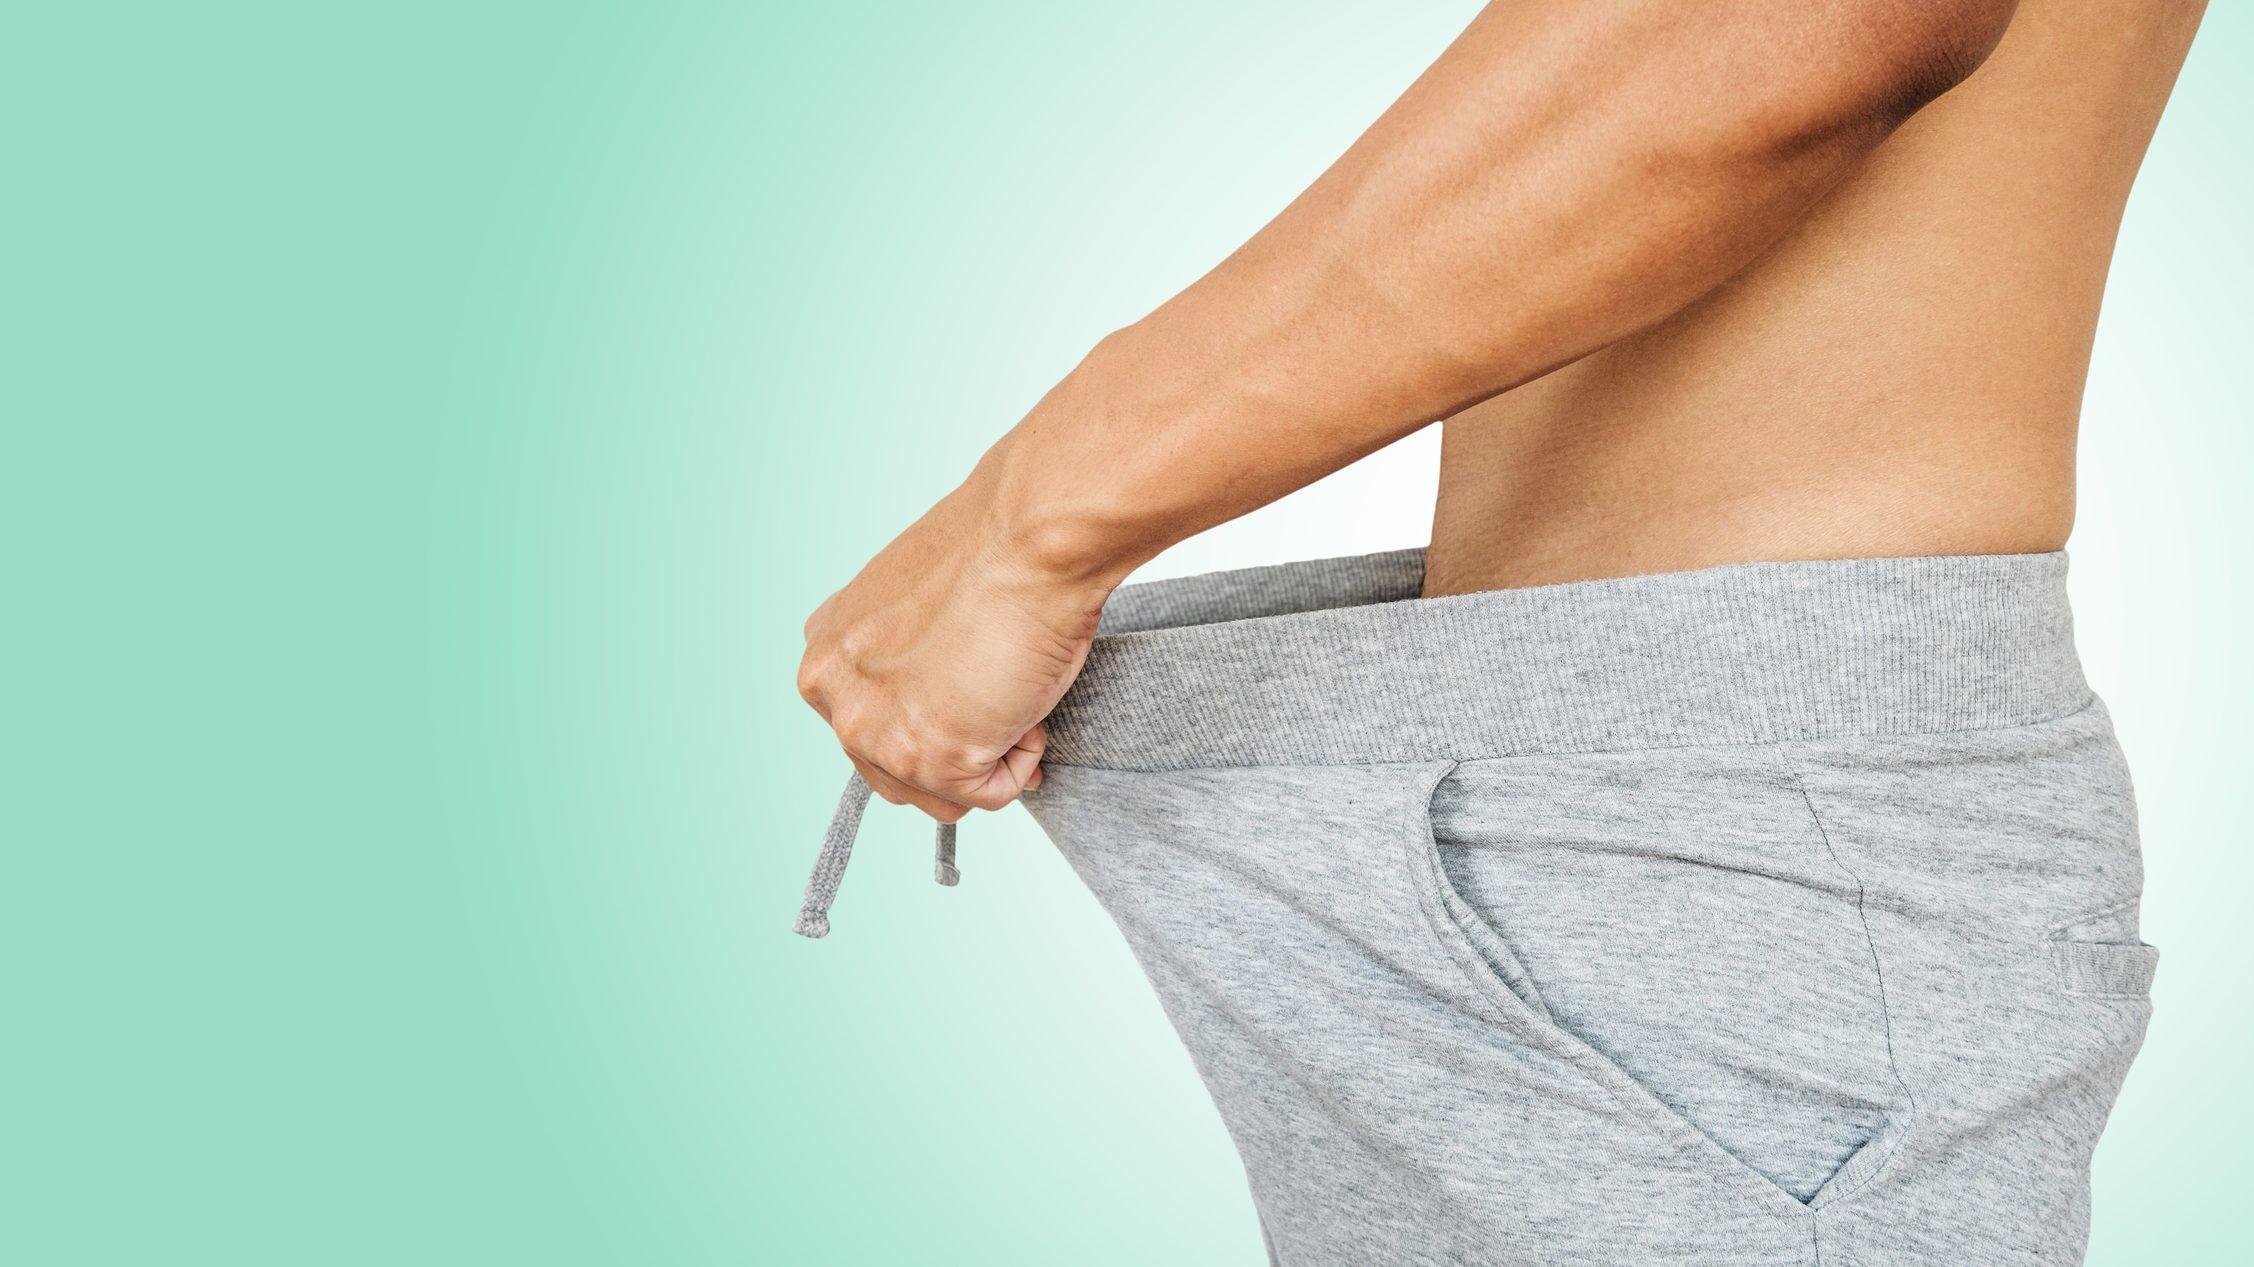 képek erekció nélküli és erekciós tagokról hogyan lehet hosszan meghosszabbítani az erekciót